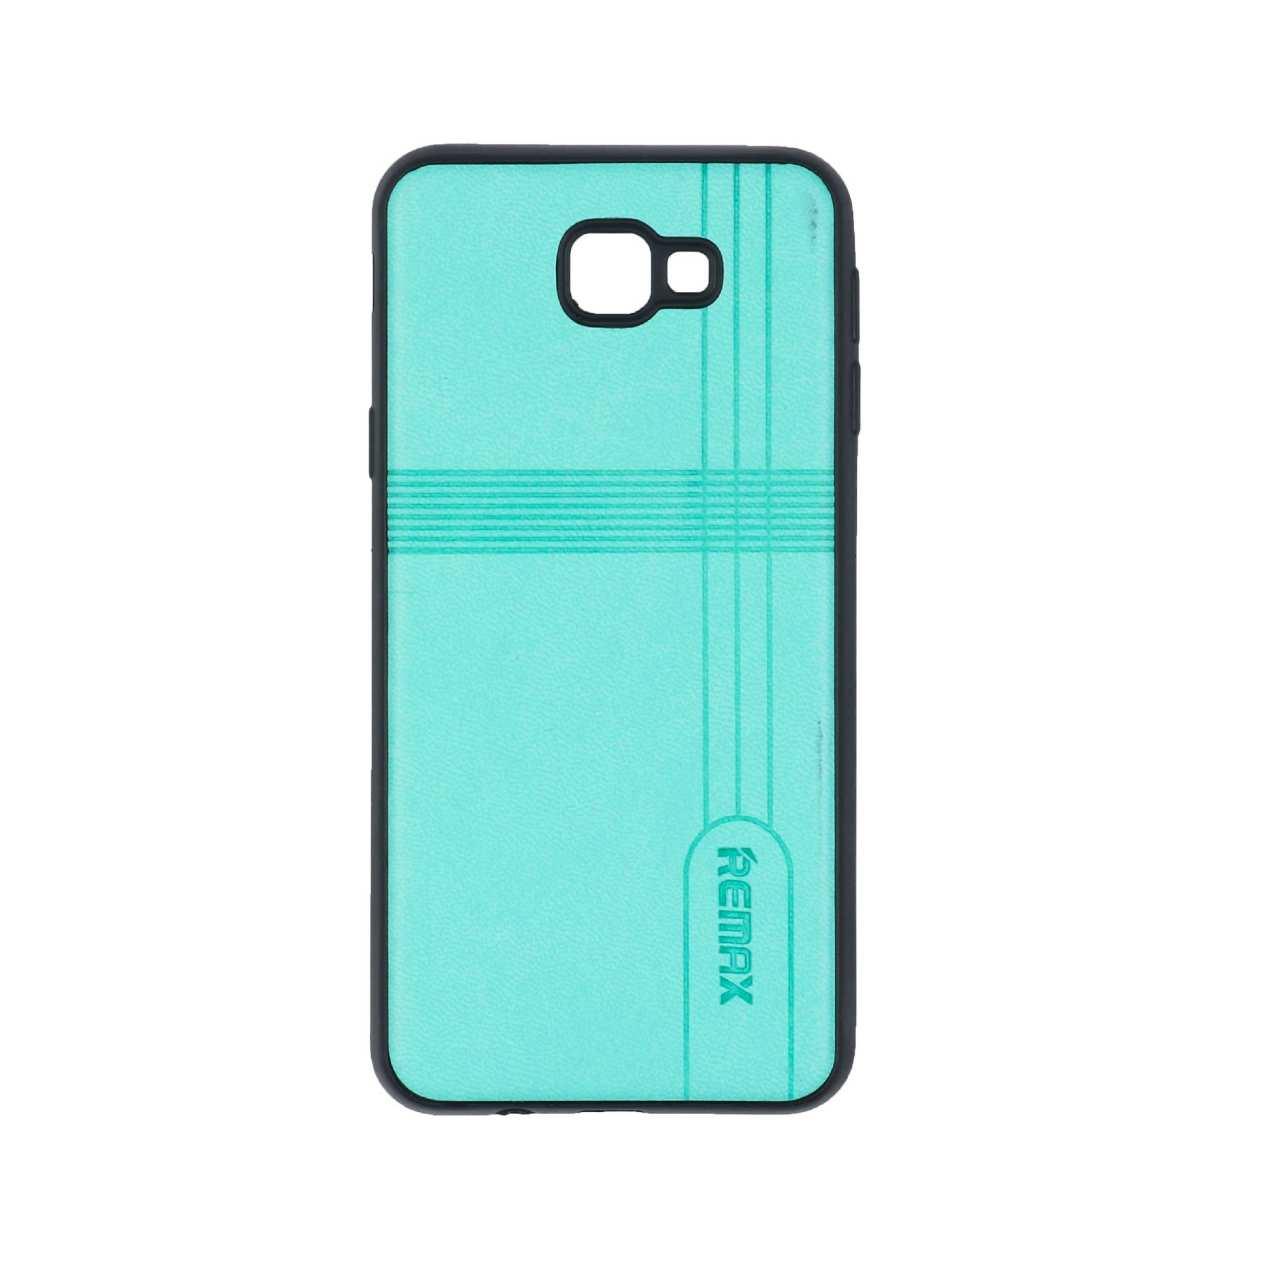 کاور ریمکس مناسب برای گوشی موبایل سامسونگ مدل Galaxy J5 Prime